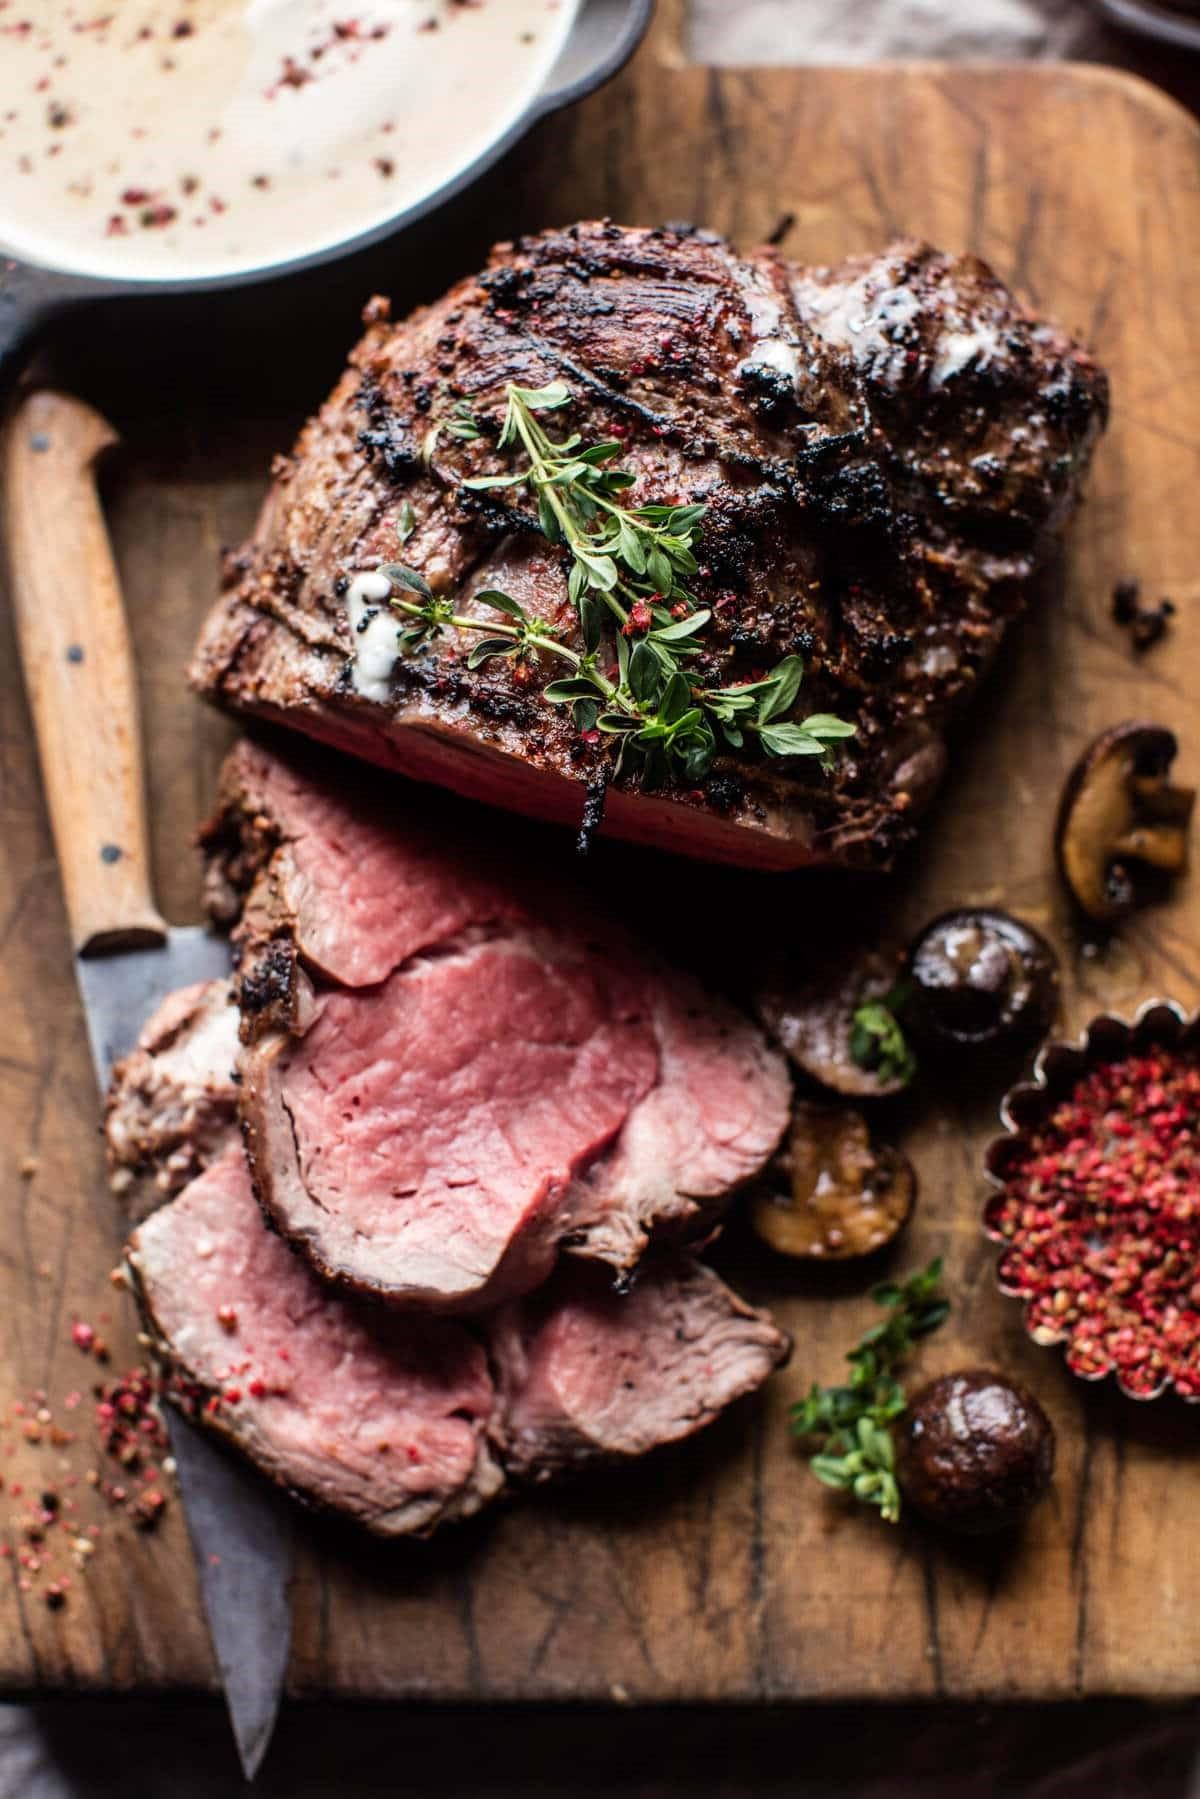 Le bœuf est très rassasiant et contient des nutriments importants comme le fer et la vitamine B12.